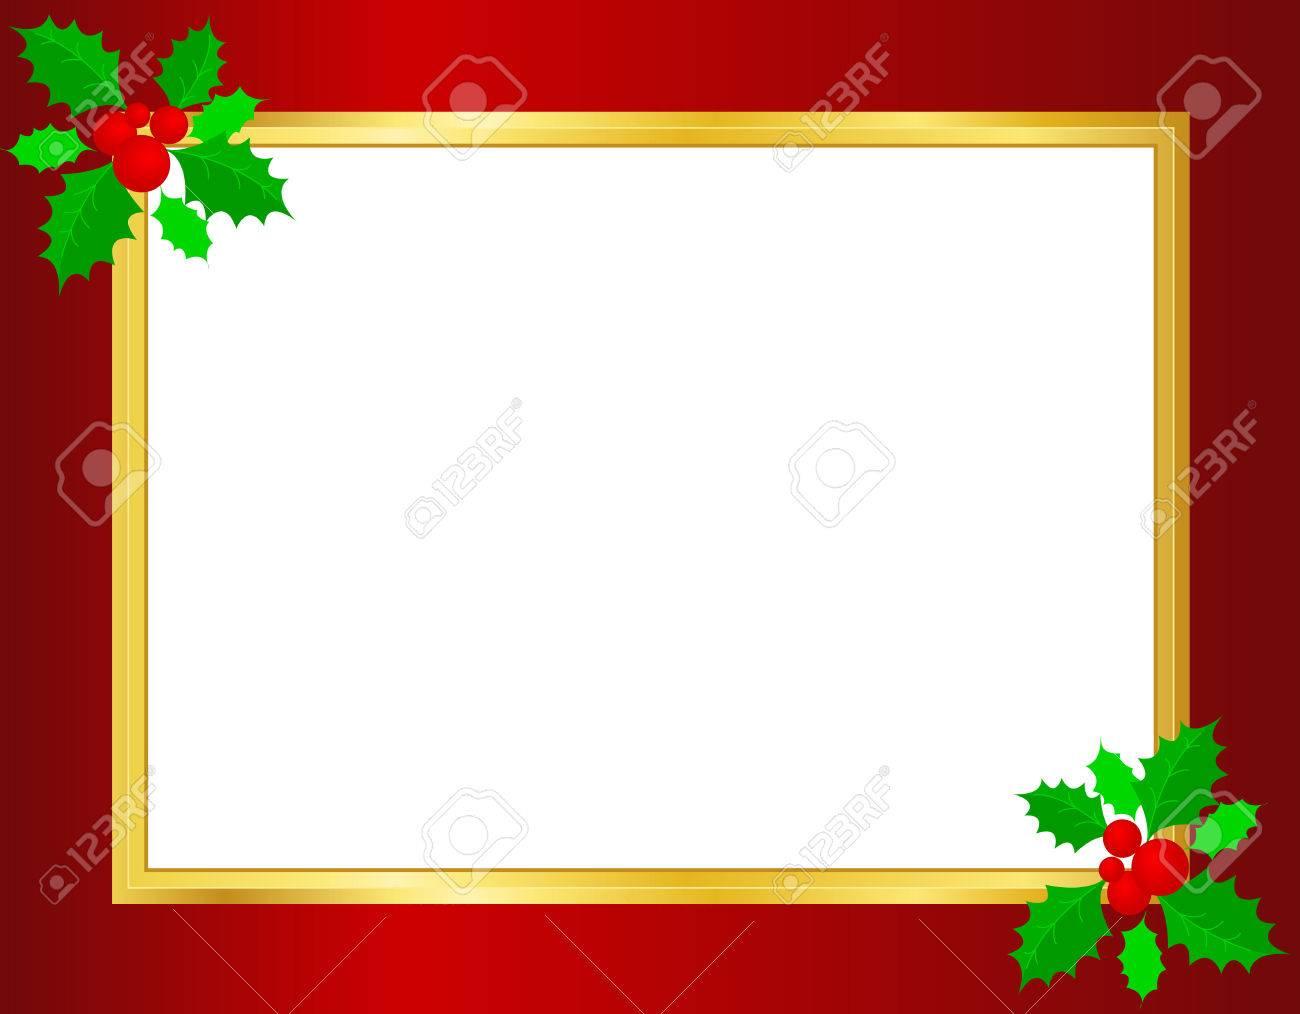 クリスマス枠ひいらぎの葉果実コーナーに金色のリボンと背景の